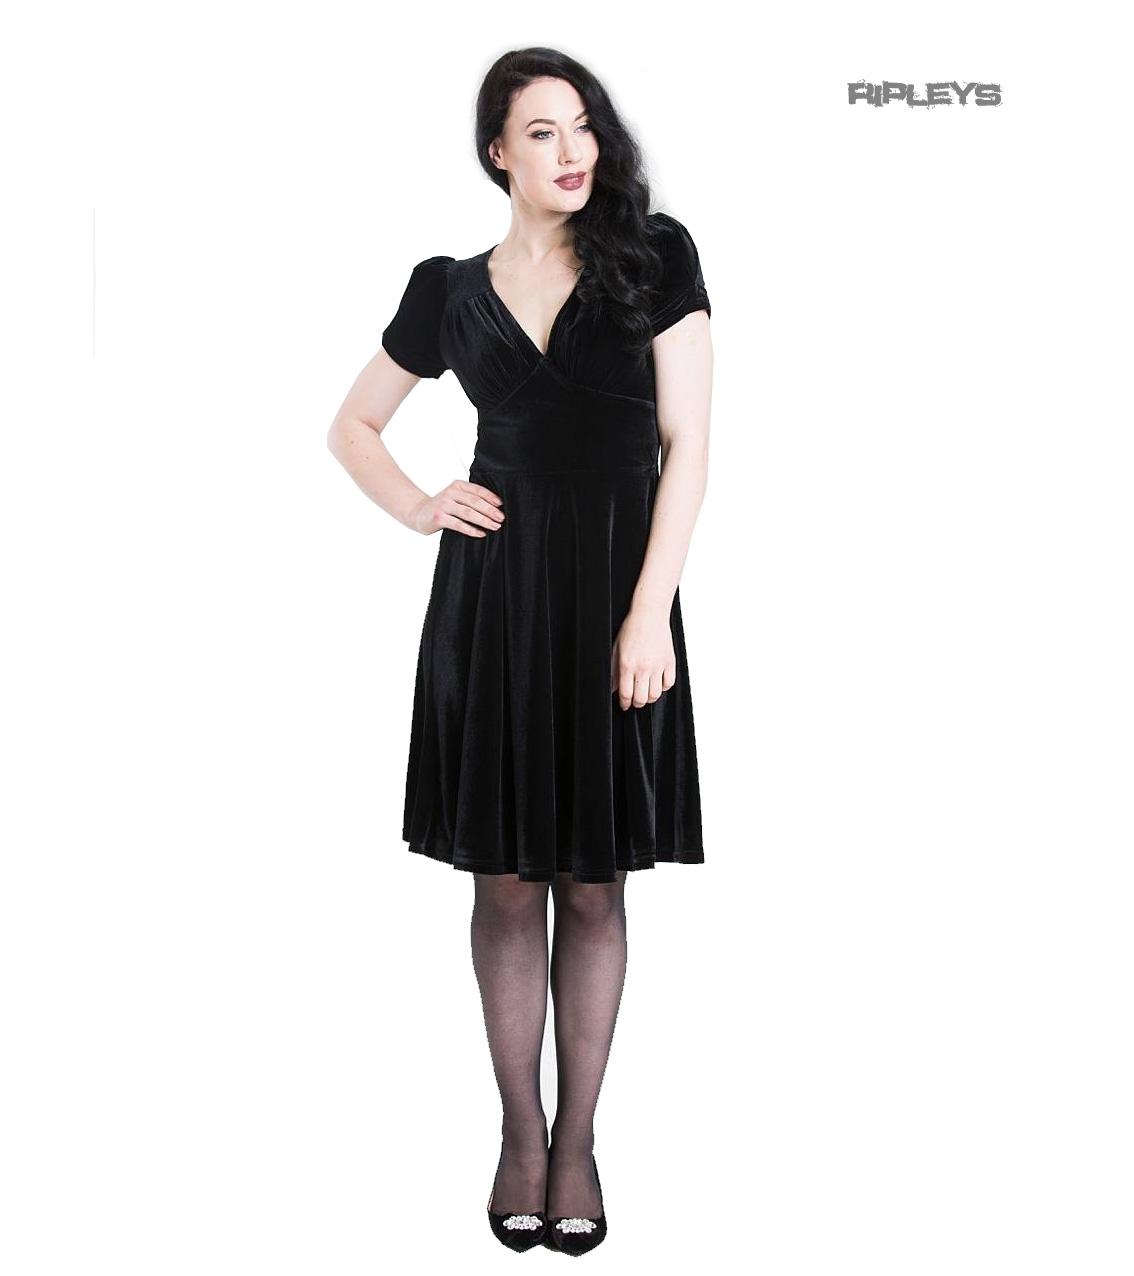 Hell-Bunny-40s-50s-Elegant-Pin-Up-Dress-JOANNE-Crushed-Velvet-Black-All-Sizes thumbnail 14